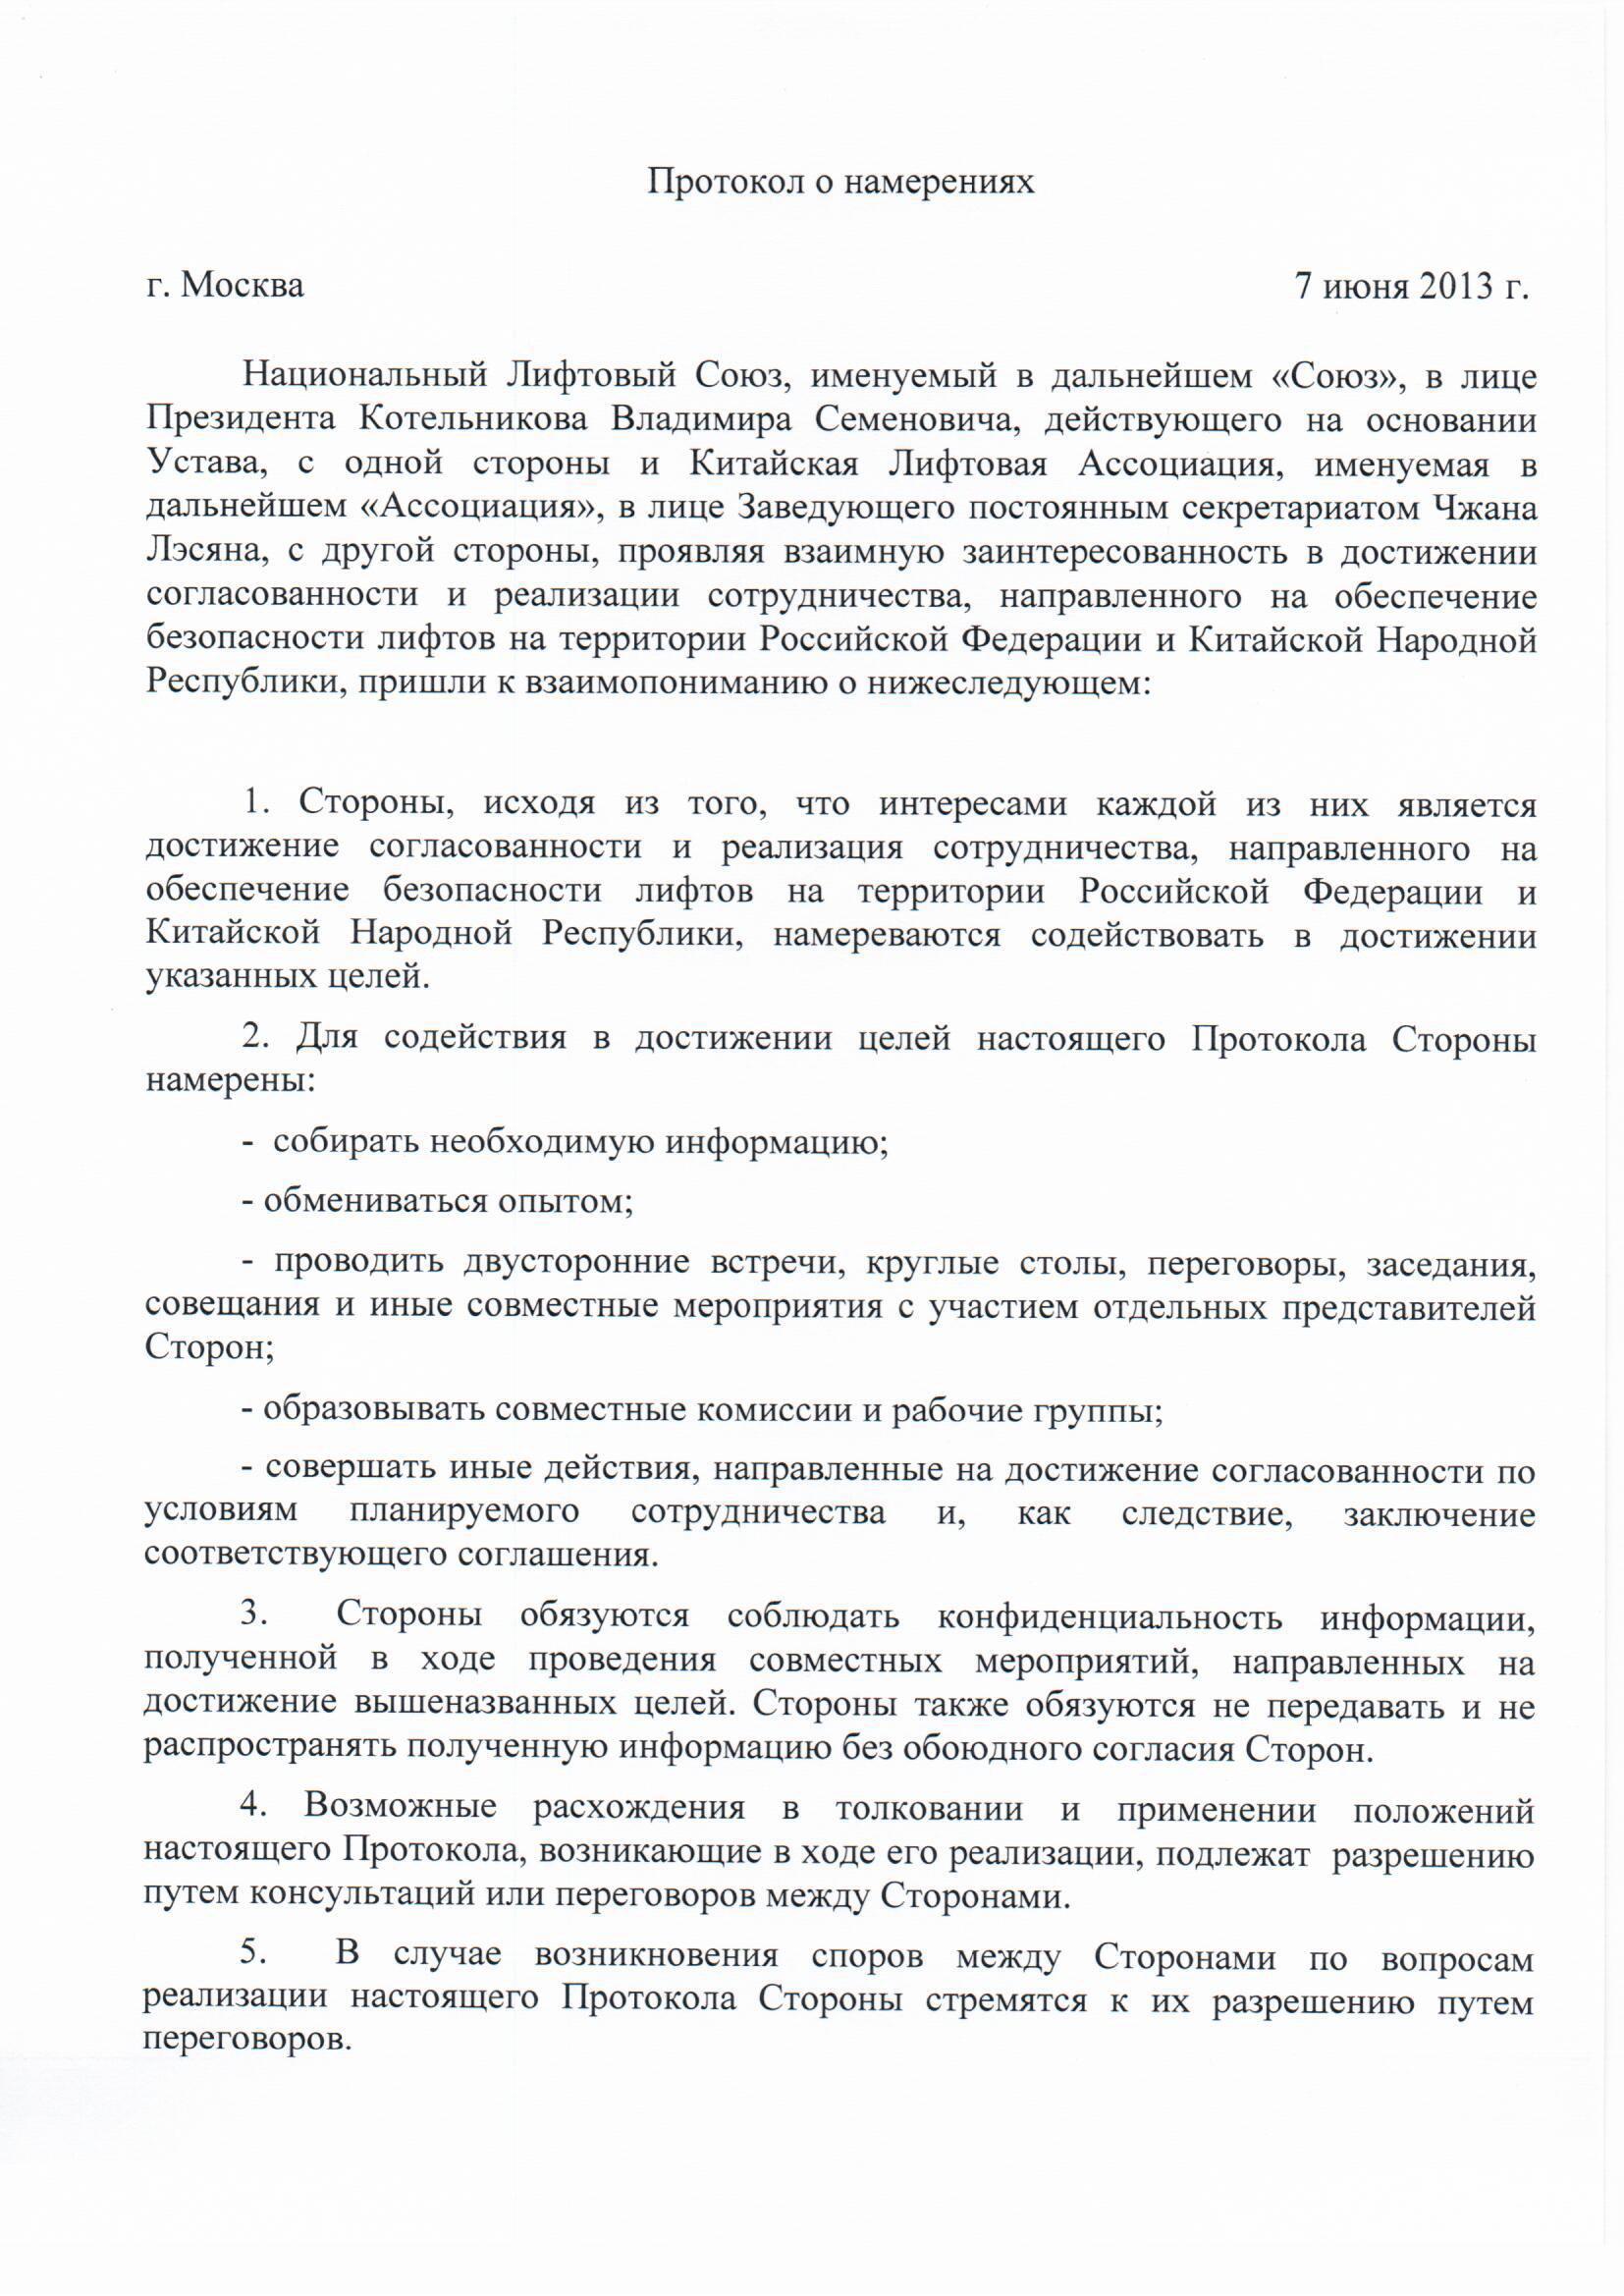 Национальный Лифтовый Союз и Китайская лифтовая ассоциация (СЕА) подписали протокол о намерениях